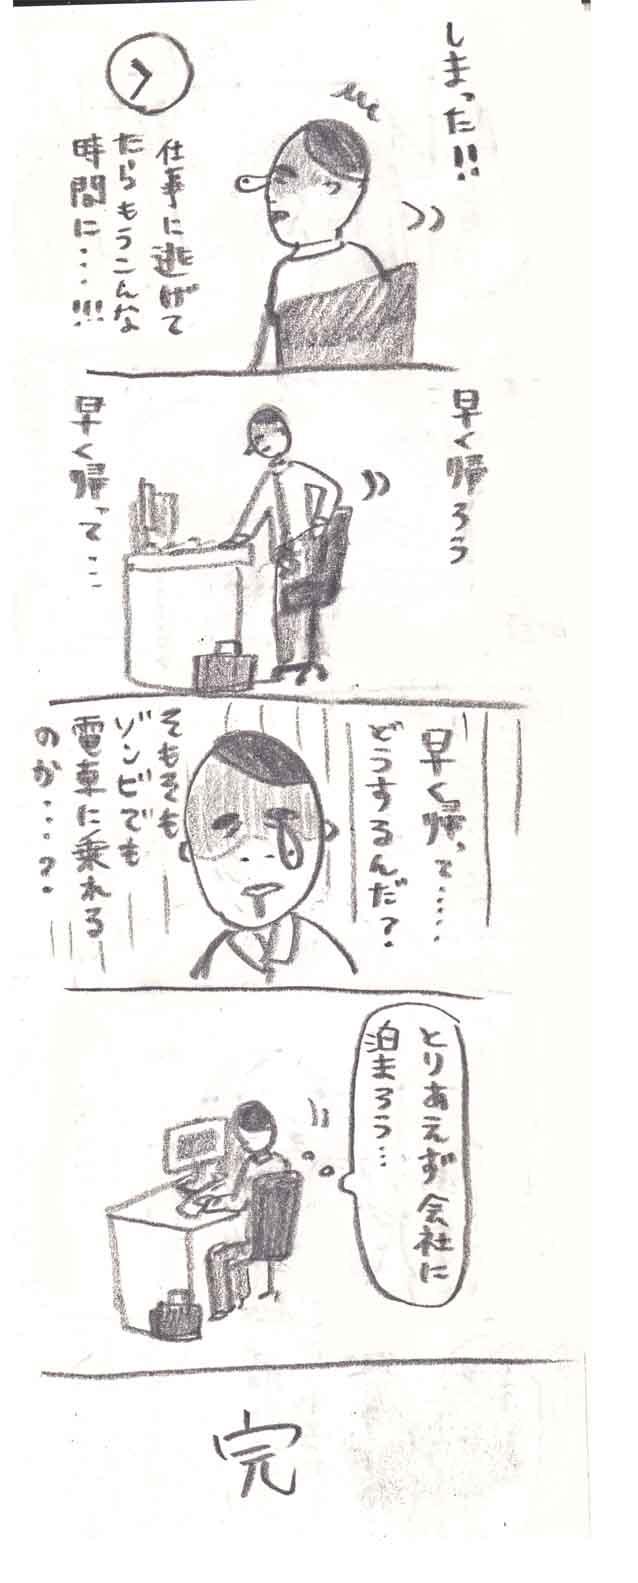 ゾンビ漫画2